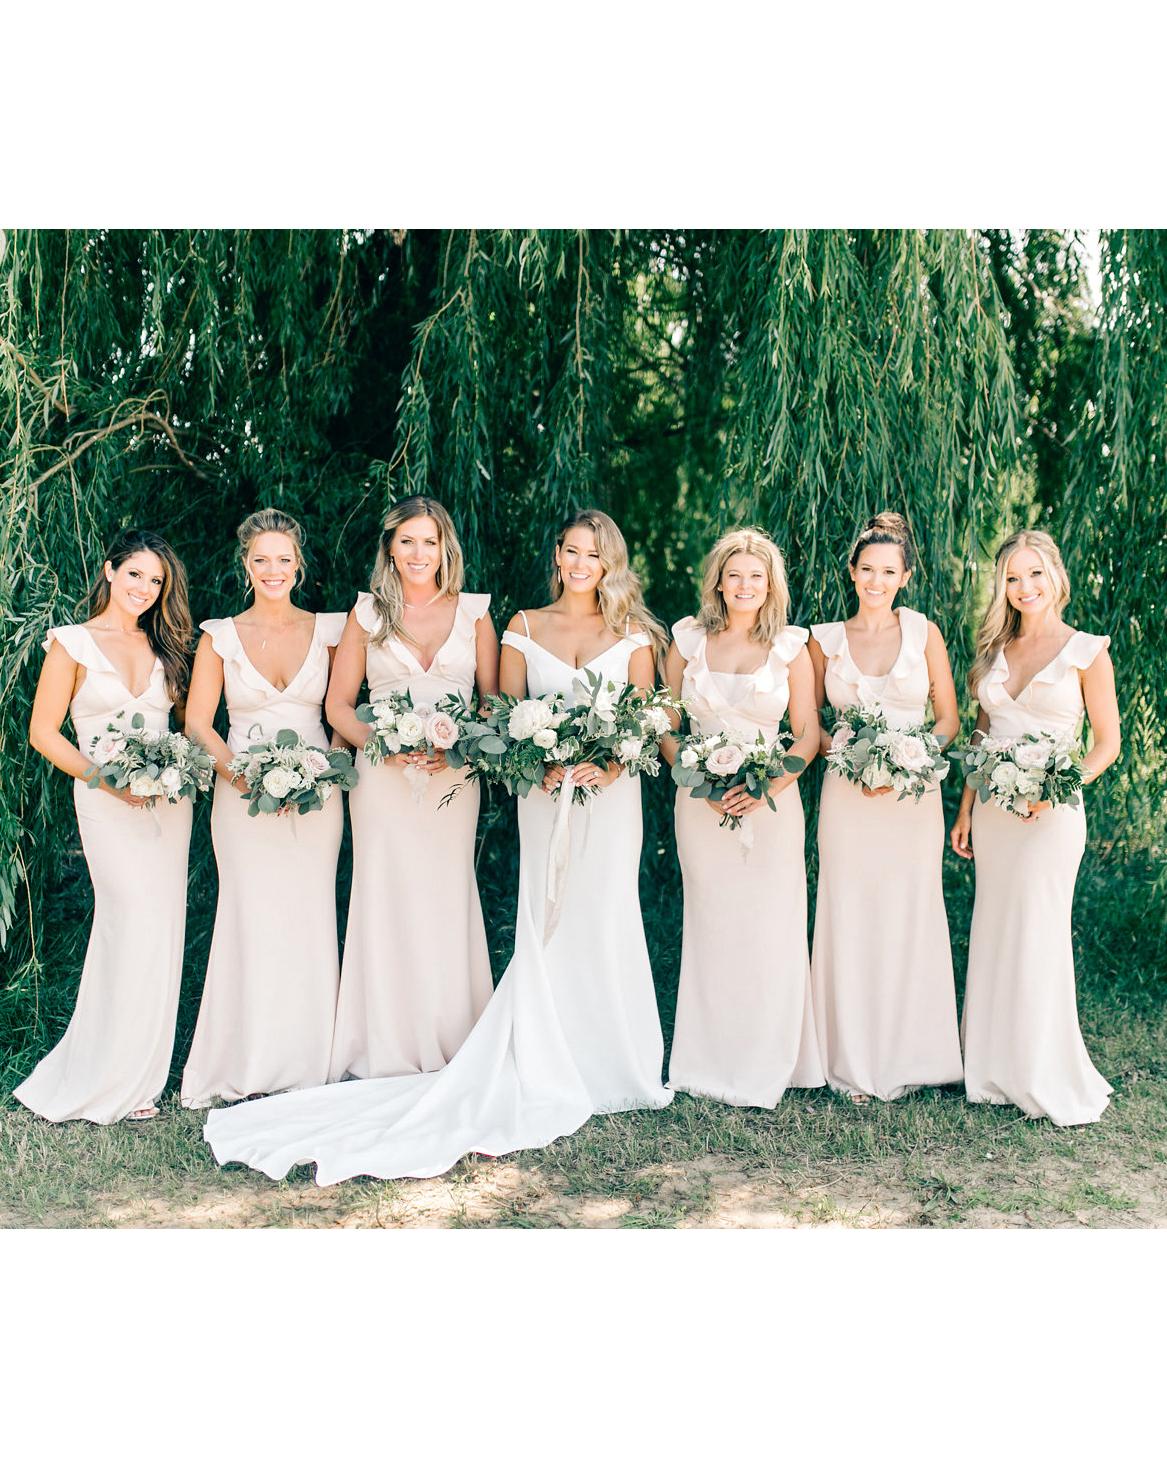 maggie zach wedding bridesmaids